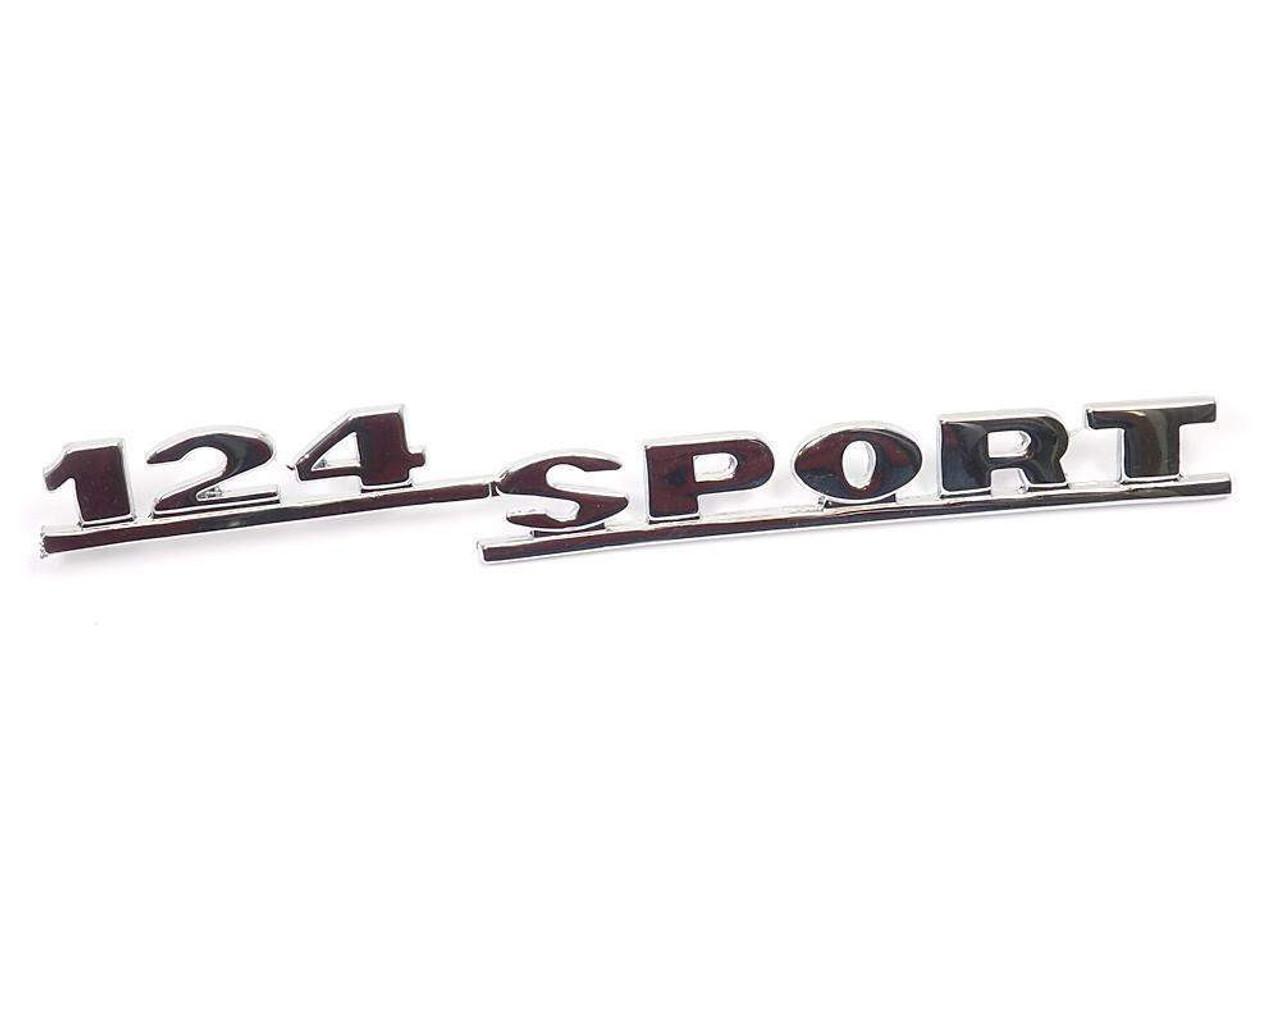 124 Sport Rear Emblem - 1966-72